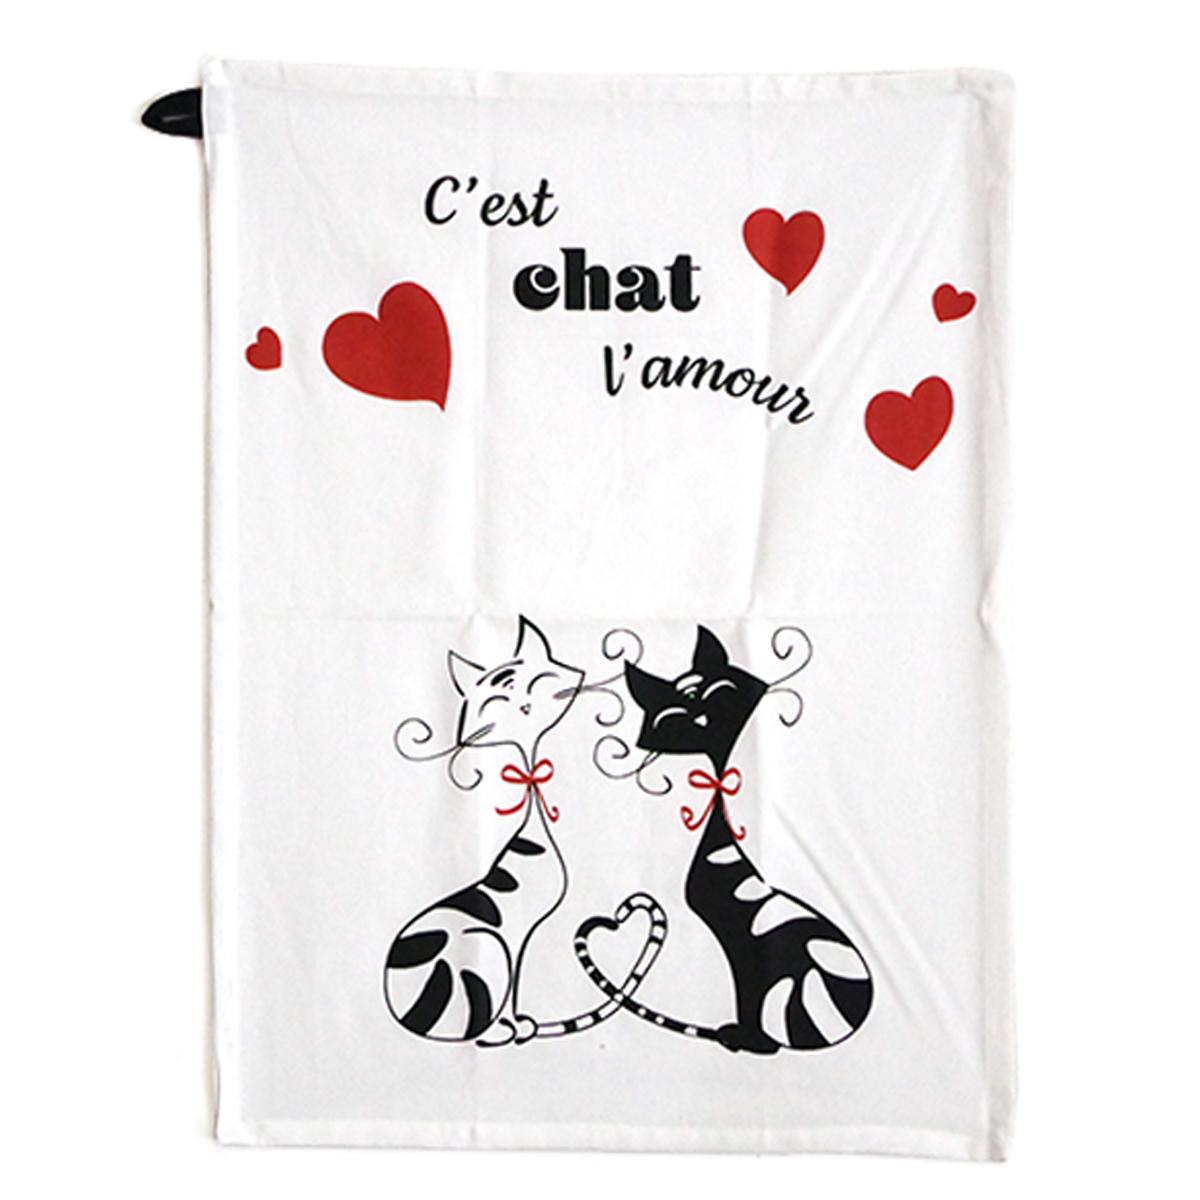 Torchon coton \'Chats\' rouge blanc noir (C\'est Chat l\'amour) - 60x45 cm - [A1115]